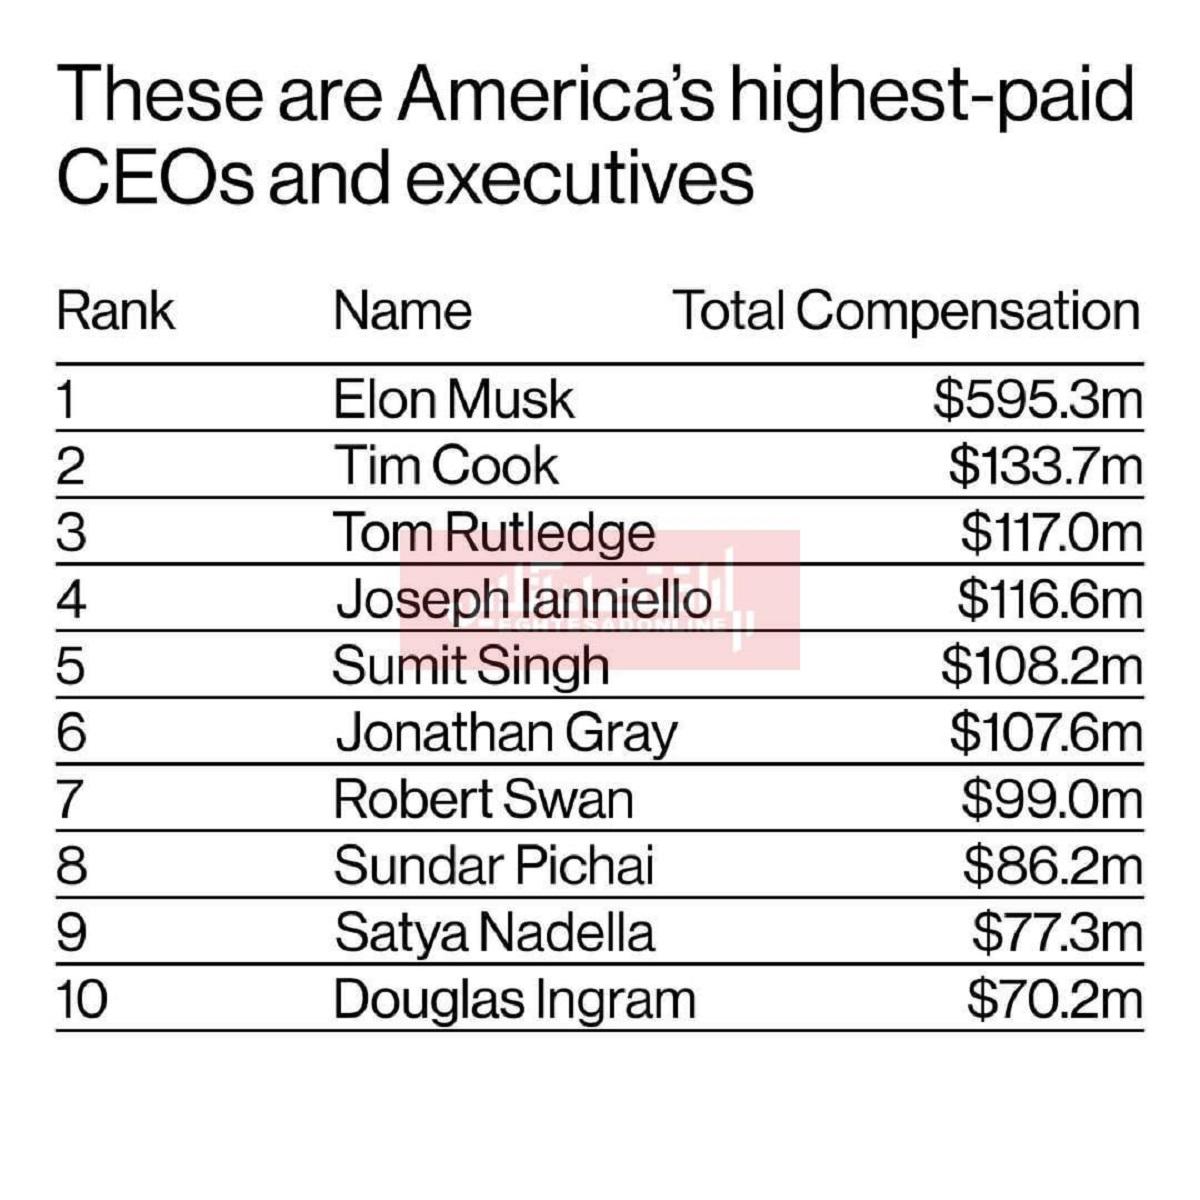 بالاترین دستمزد مدیران